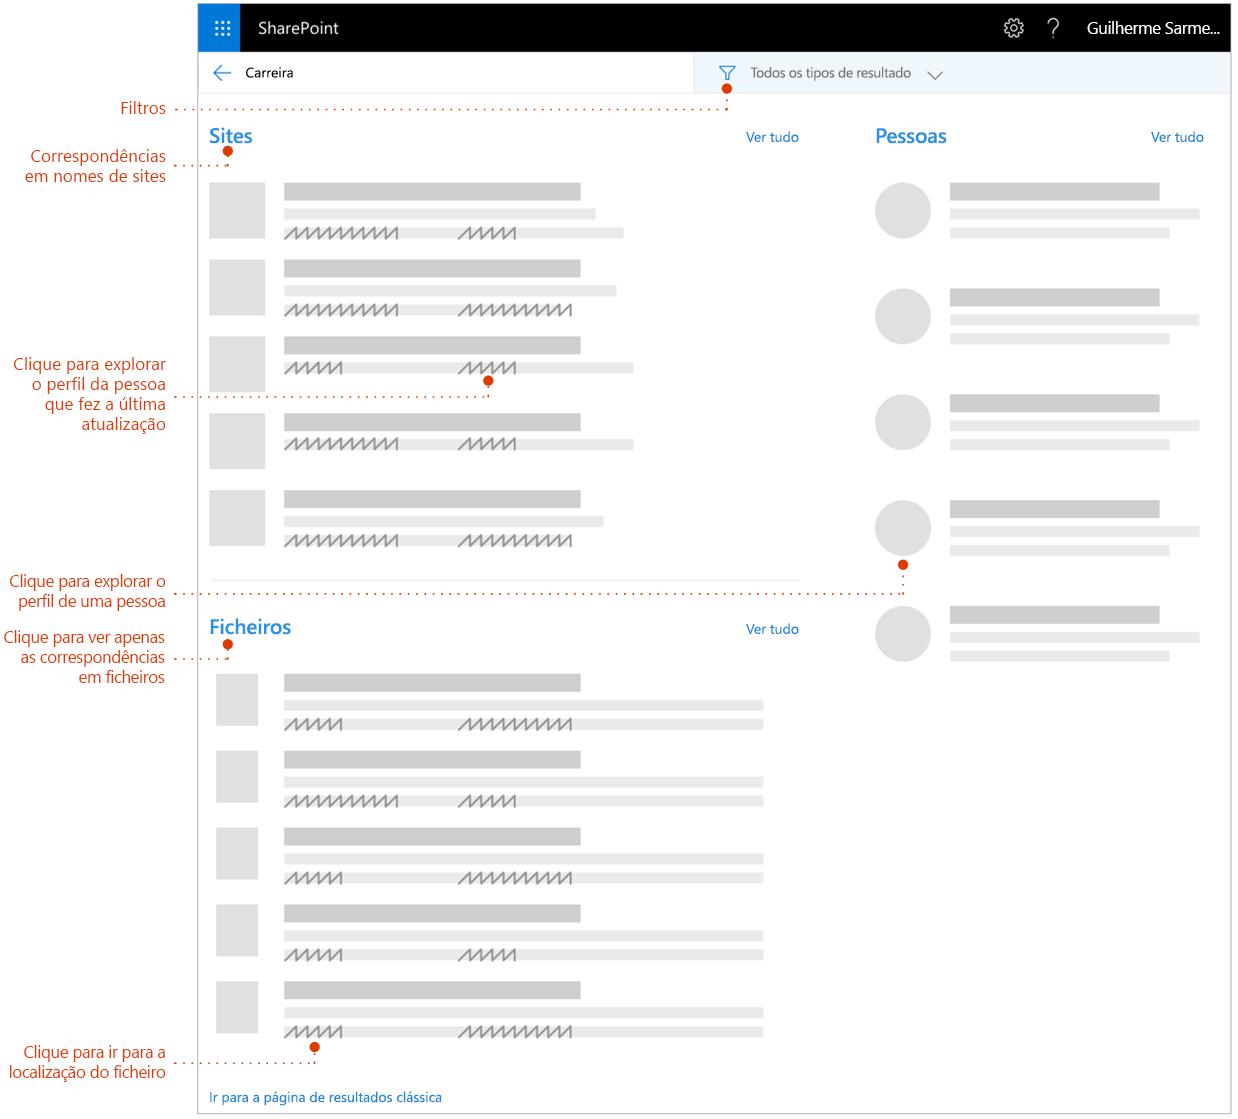 Página com ponteiros para elementos para explorar de resultados de captura de ecrã da pesquisa.